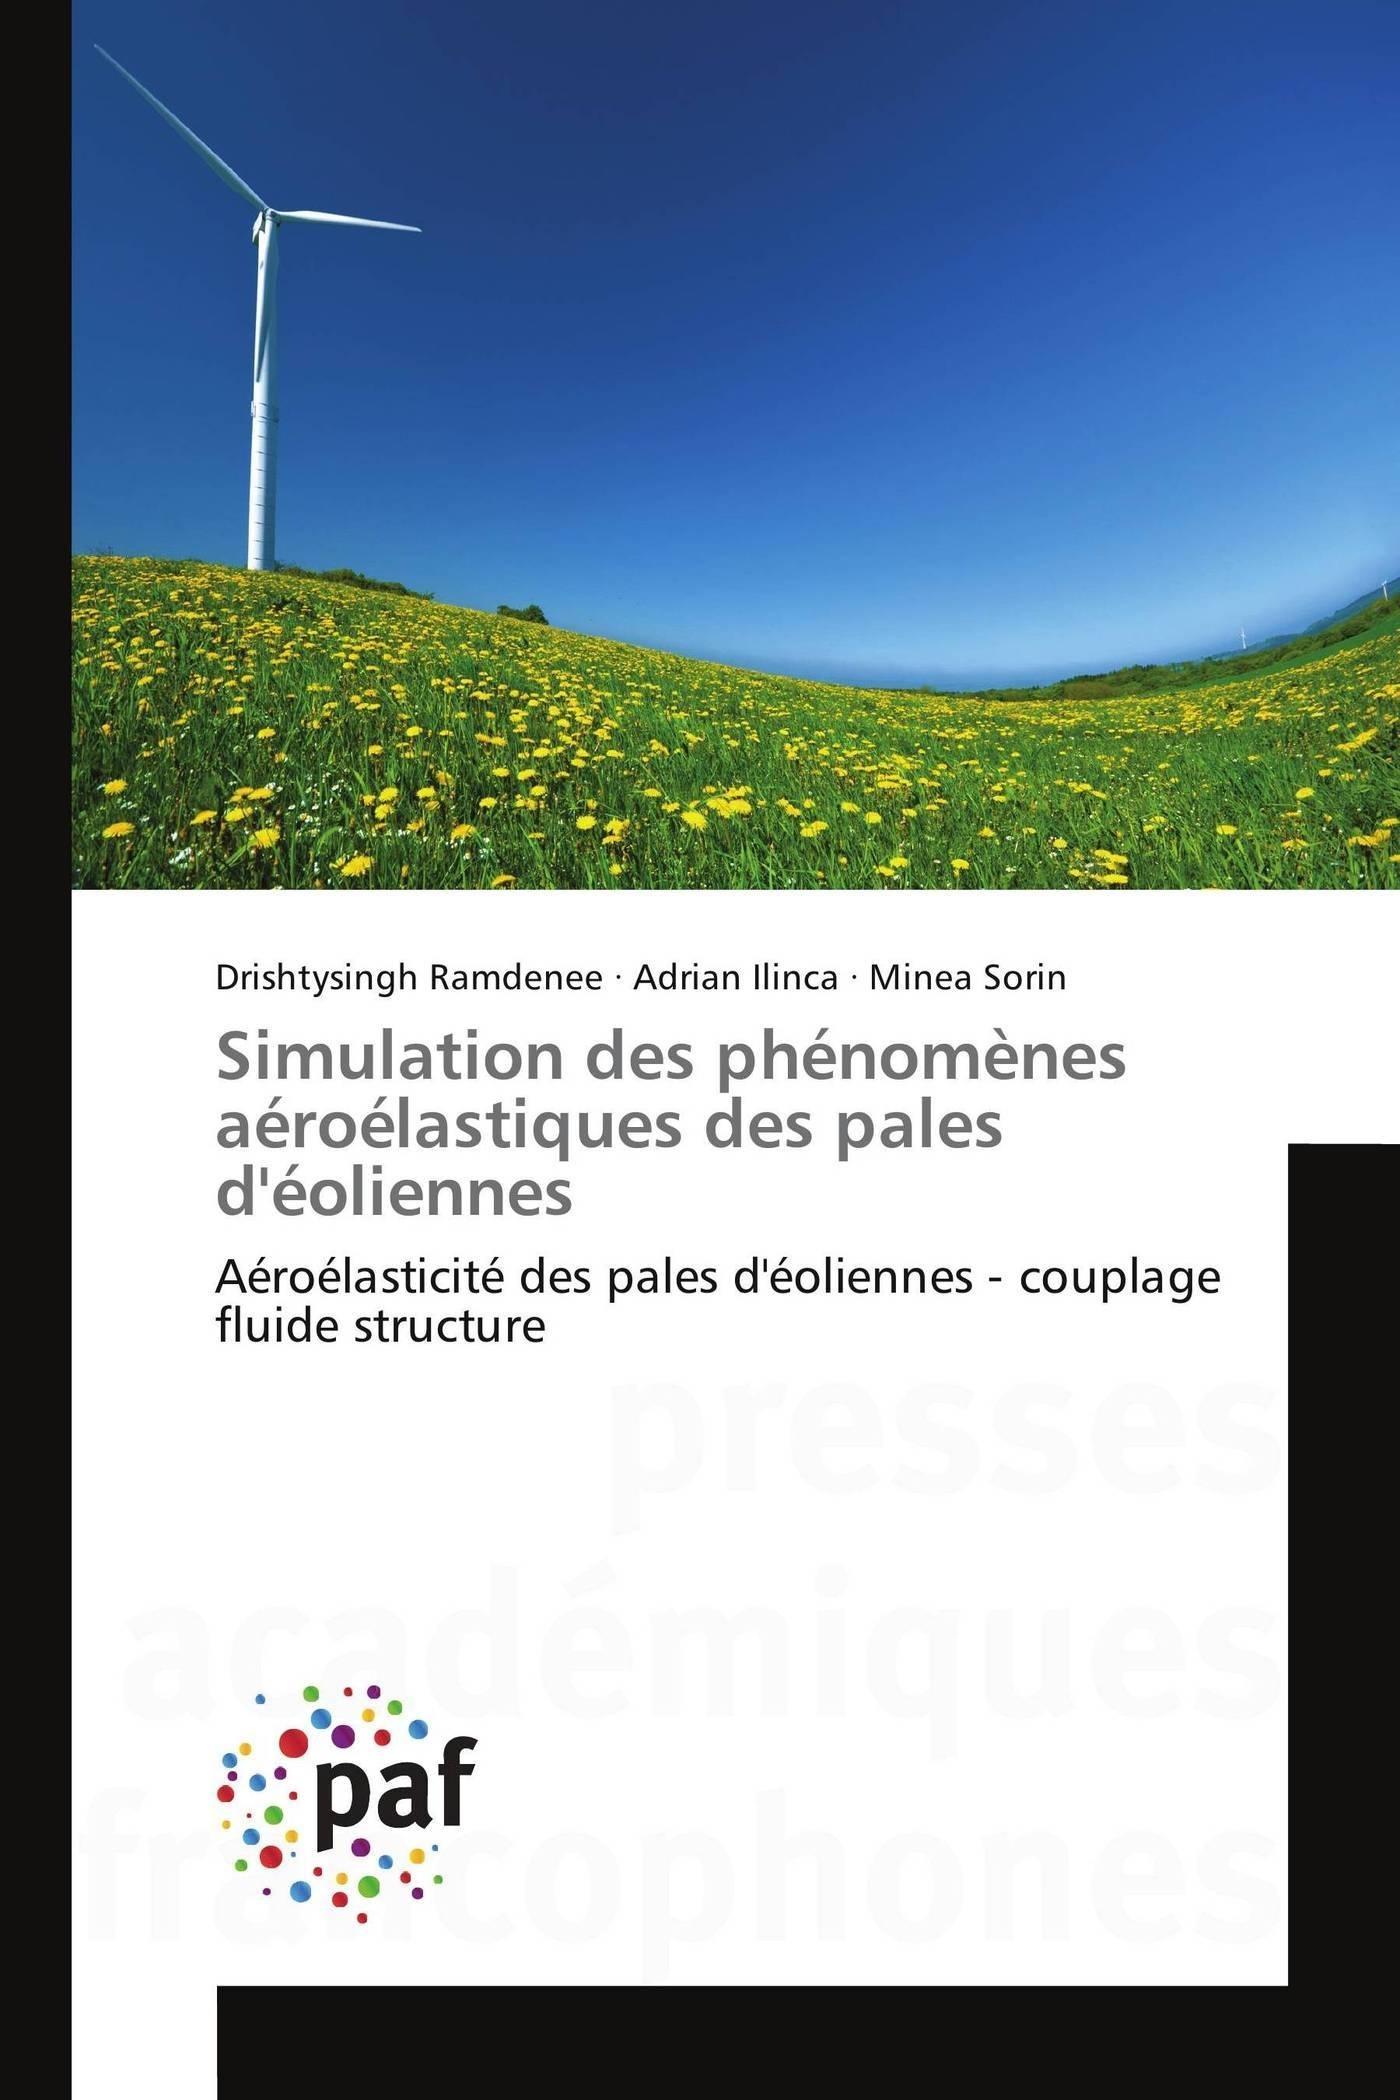 SIMULATION DES PHENOMENES AEROELASTIQUES DES PALES D'EOLIENNES